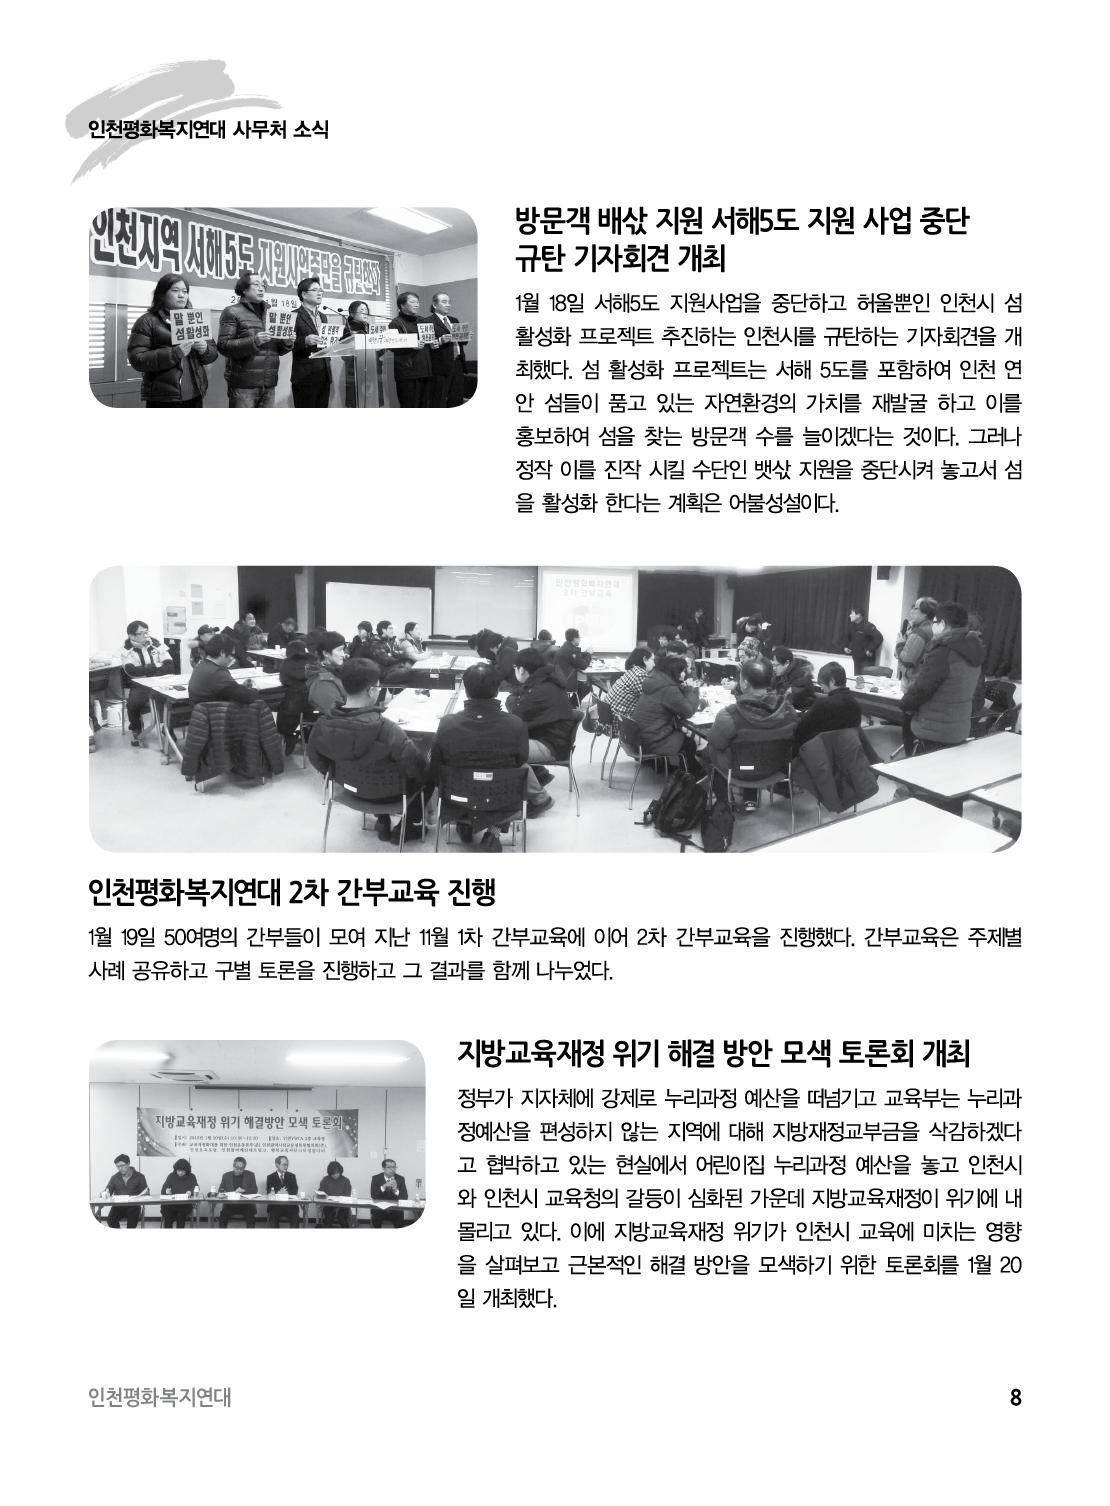 아웃라인 인천평화복지연대 소식지창간준비3호8.jpg